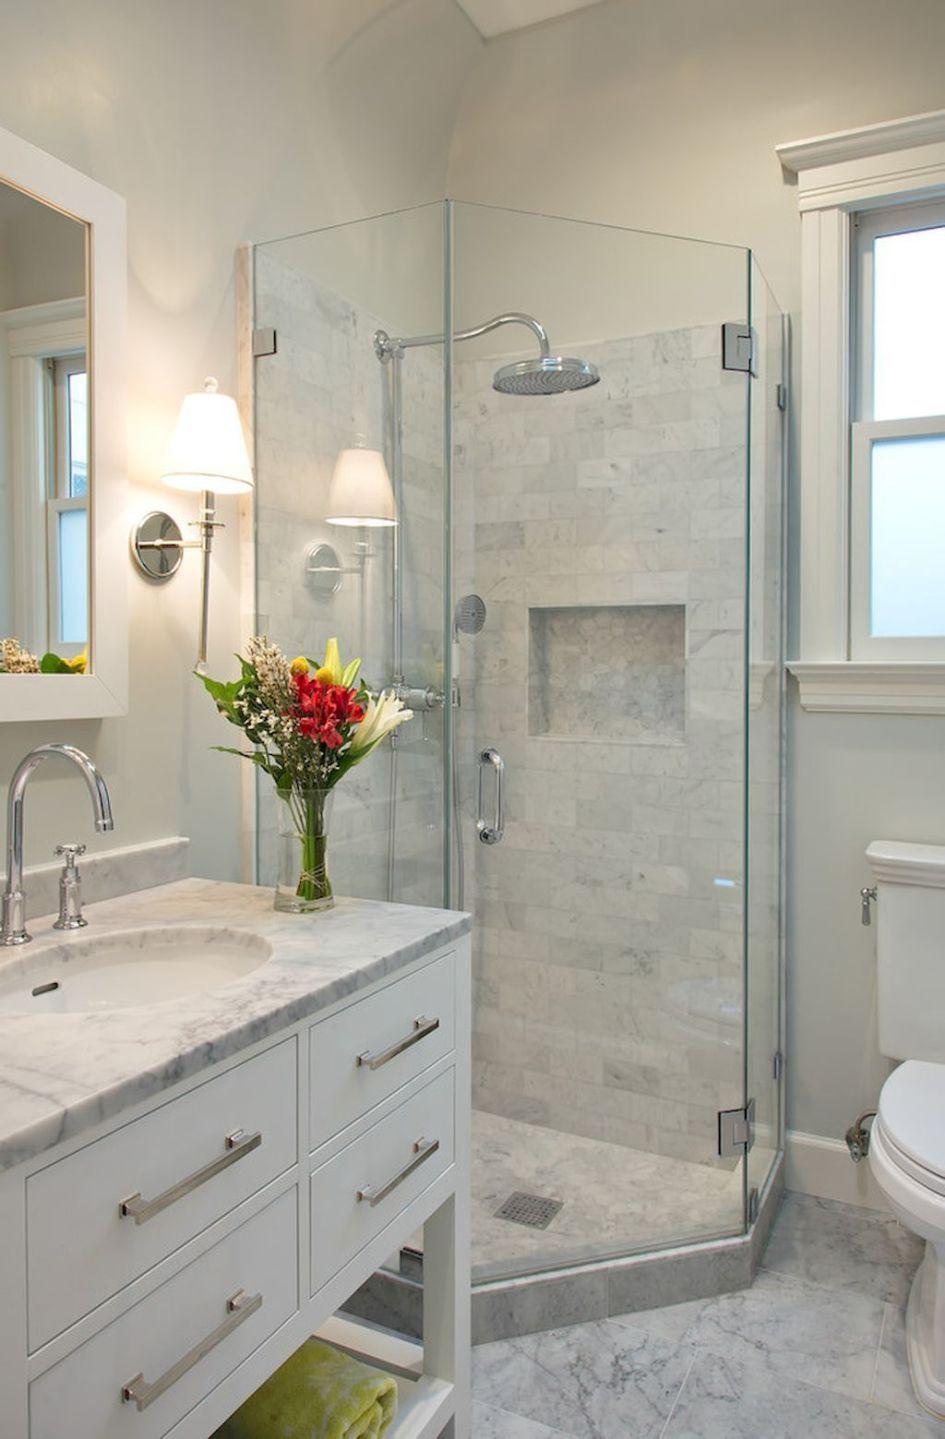 25 Awesome Small Bathroom Remodel Ideas Small Bathroom Bathroom